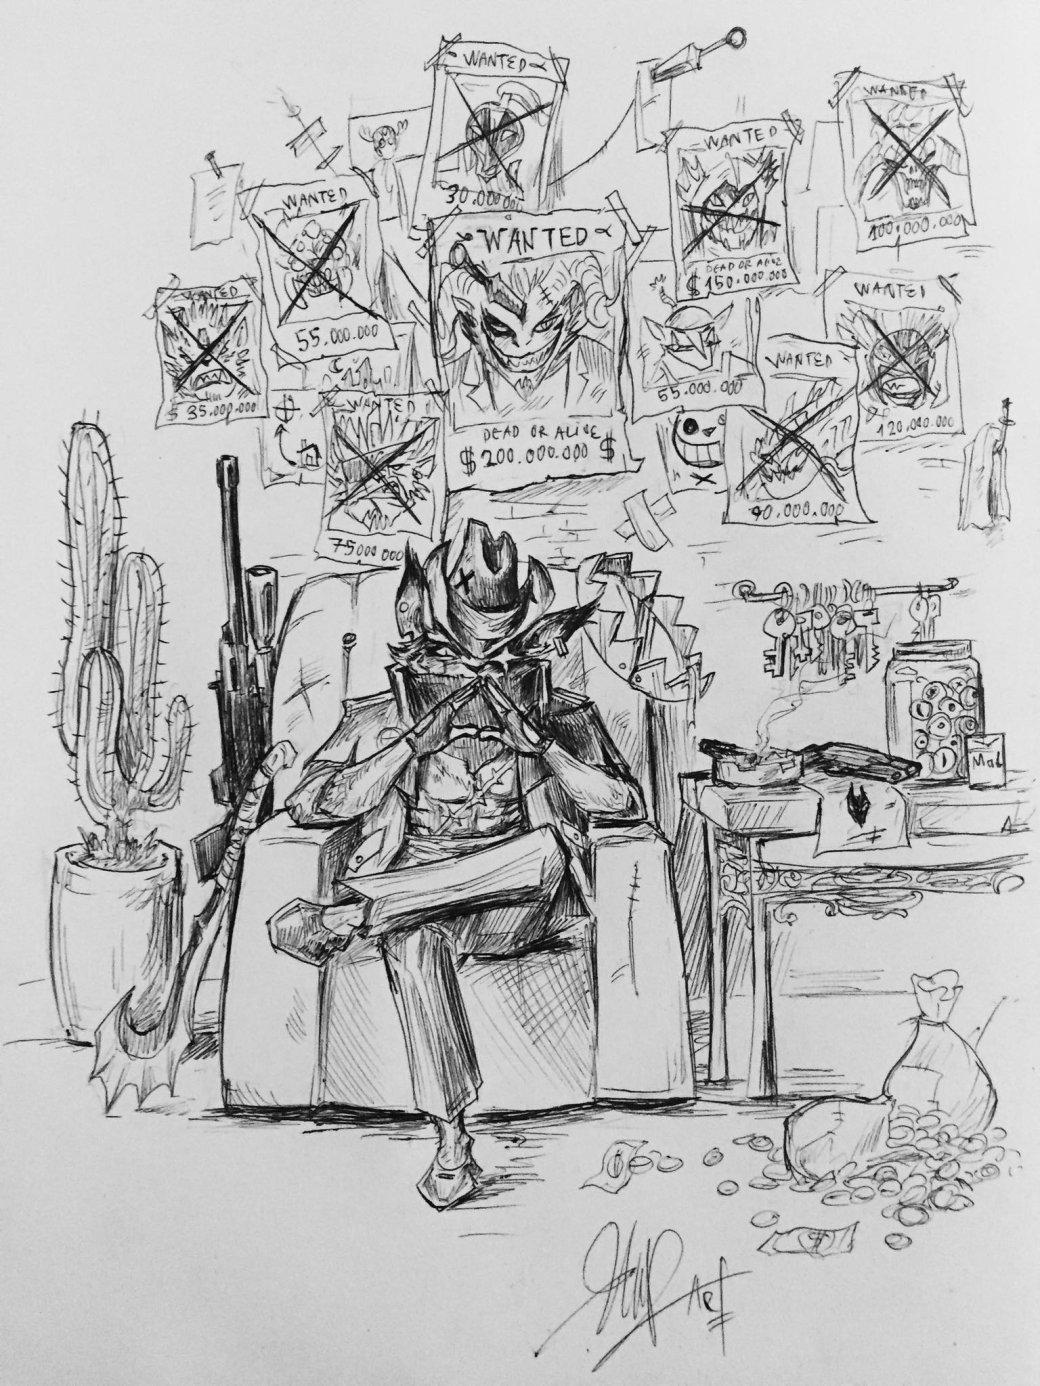 Обнаженная Windranger искромная Crystal Maiden: крутые арты поDota2 | Канобу - Изображение 10535